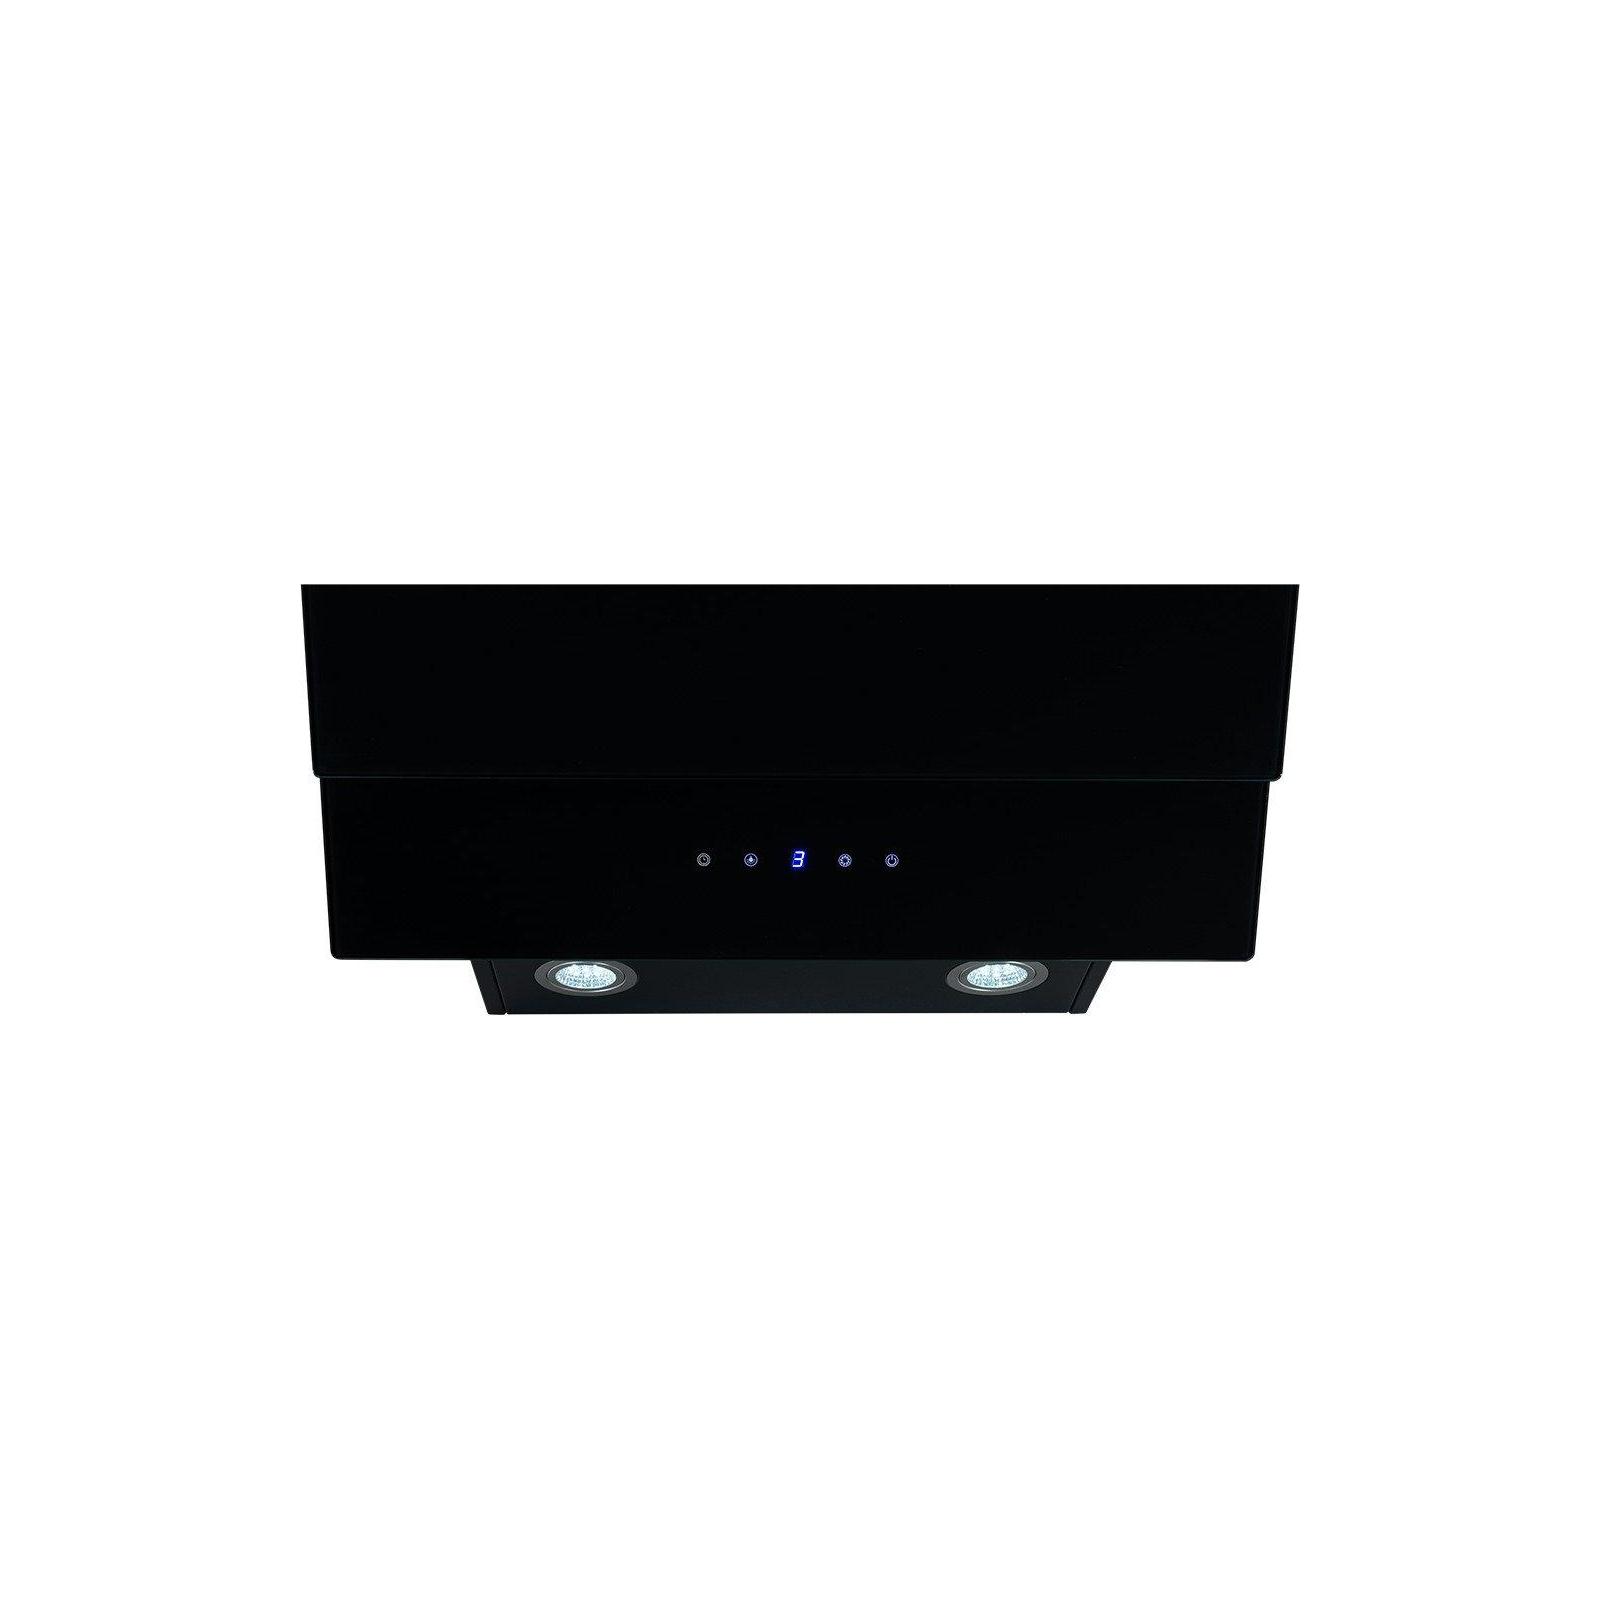 Вытяжка кухонная MINOLA HVS 6382 BL 750 LED изображение 4